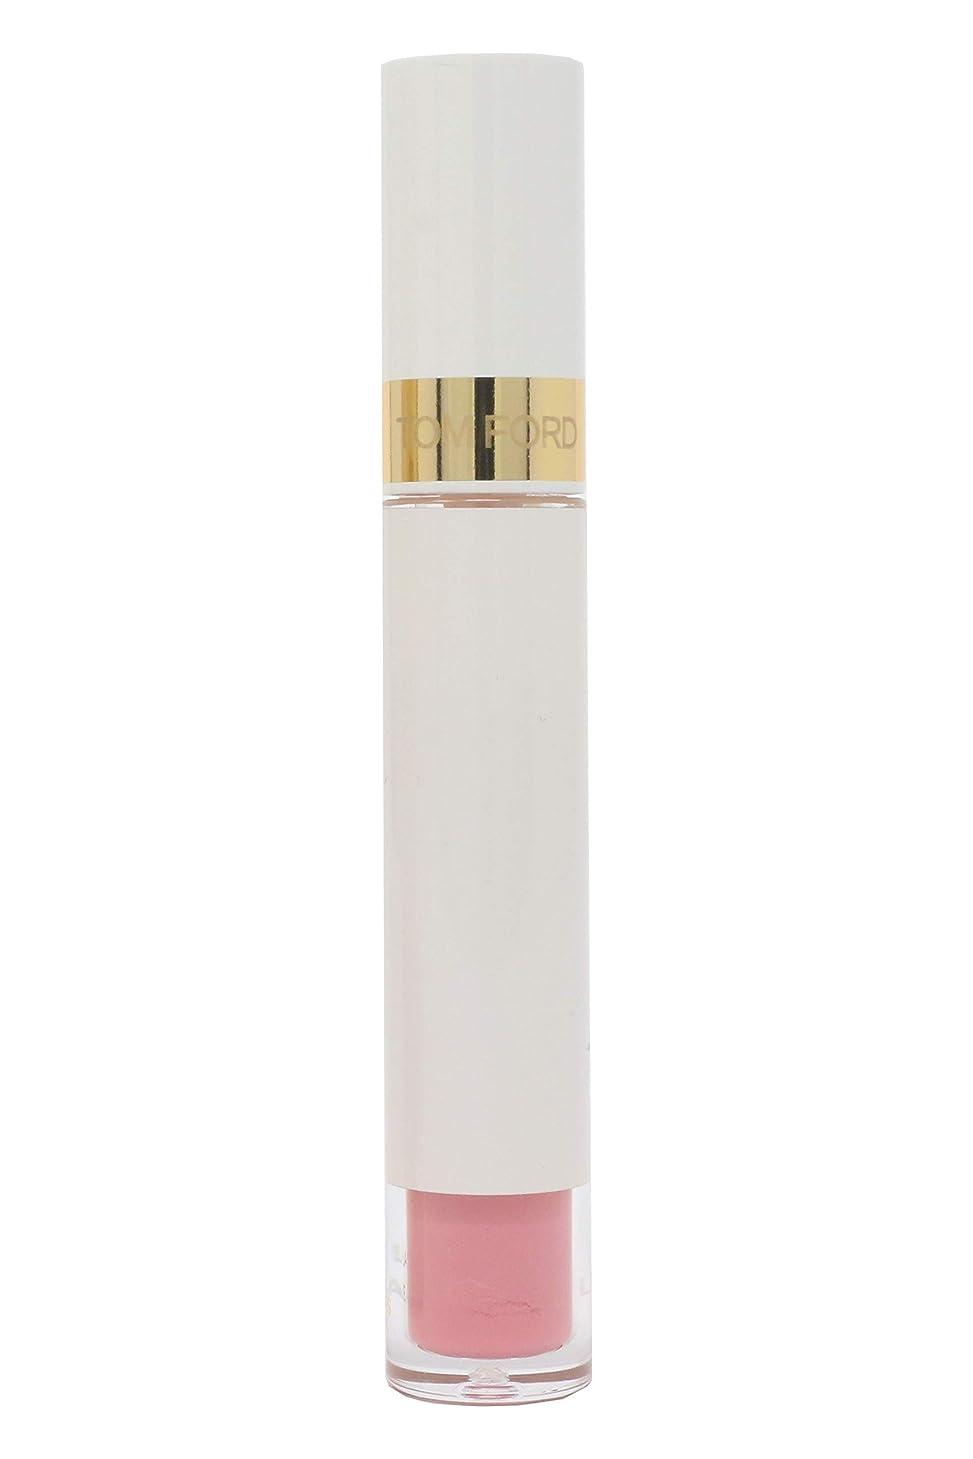 保育園半径海洋トム フォード Lip Lacqure Liquid Tint - # 02 Escapist 2.7ml/0.09oz並行輸入品